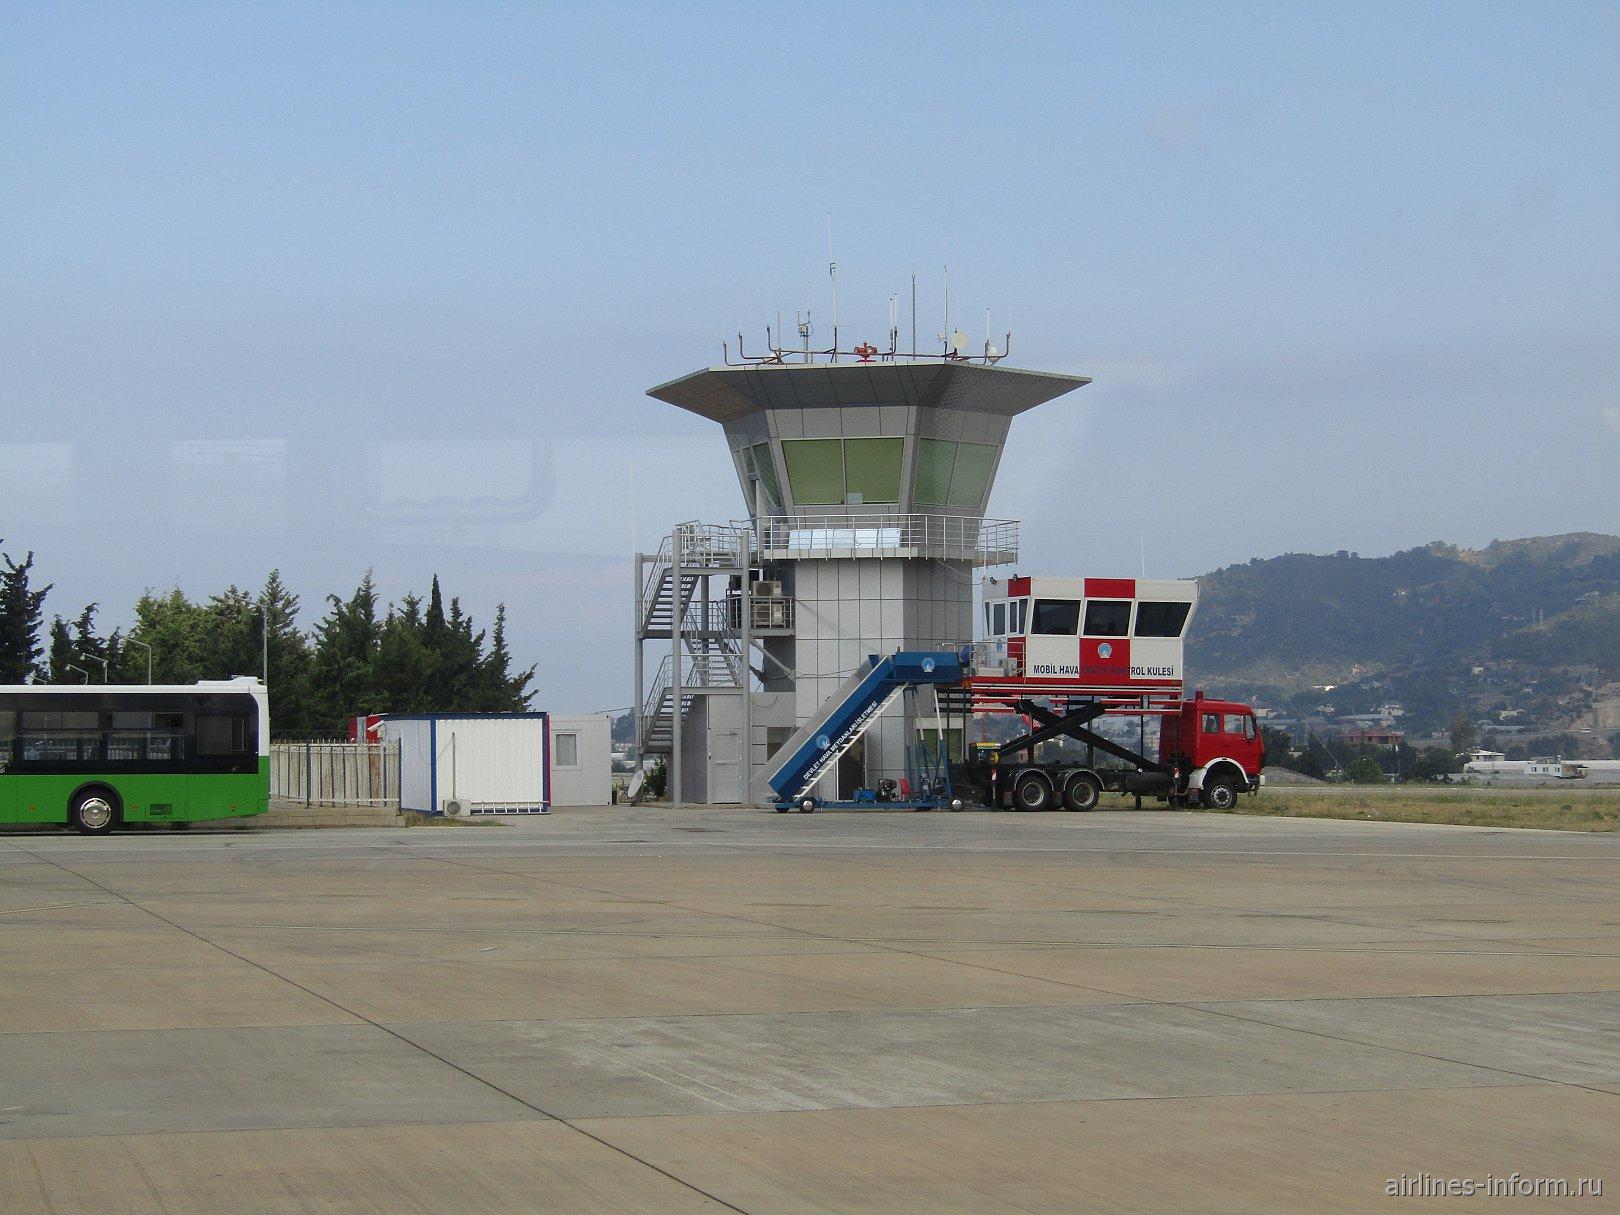 Диспетчерская башня аэропорта Алания Газипаша